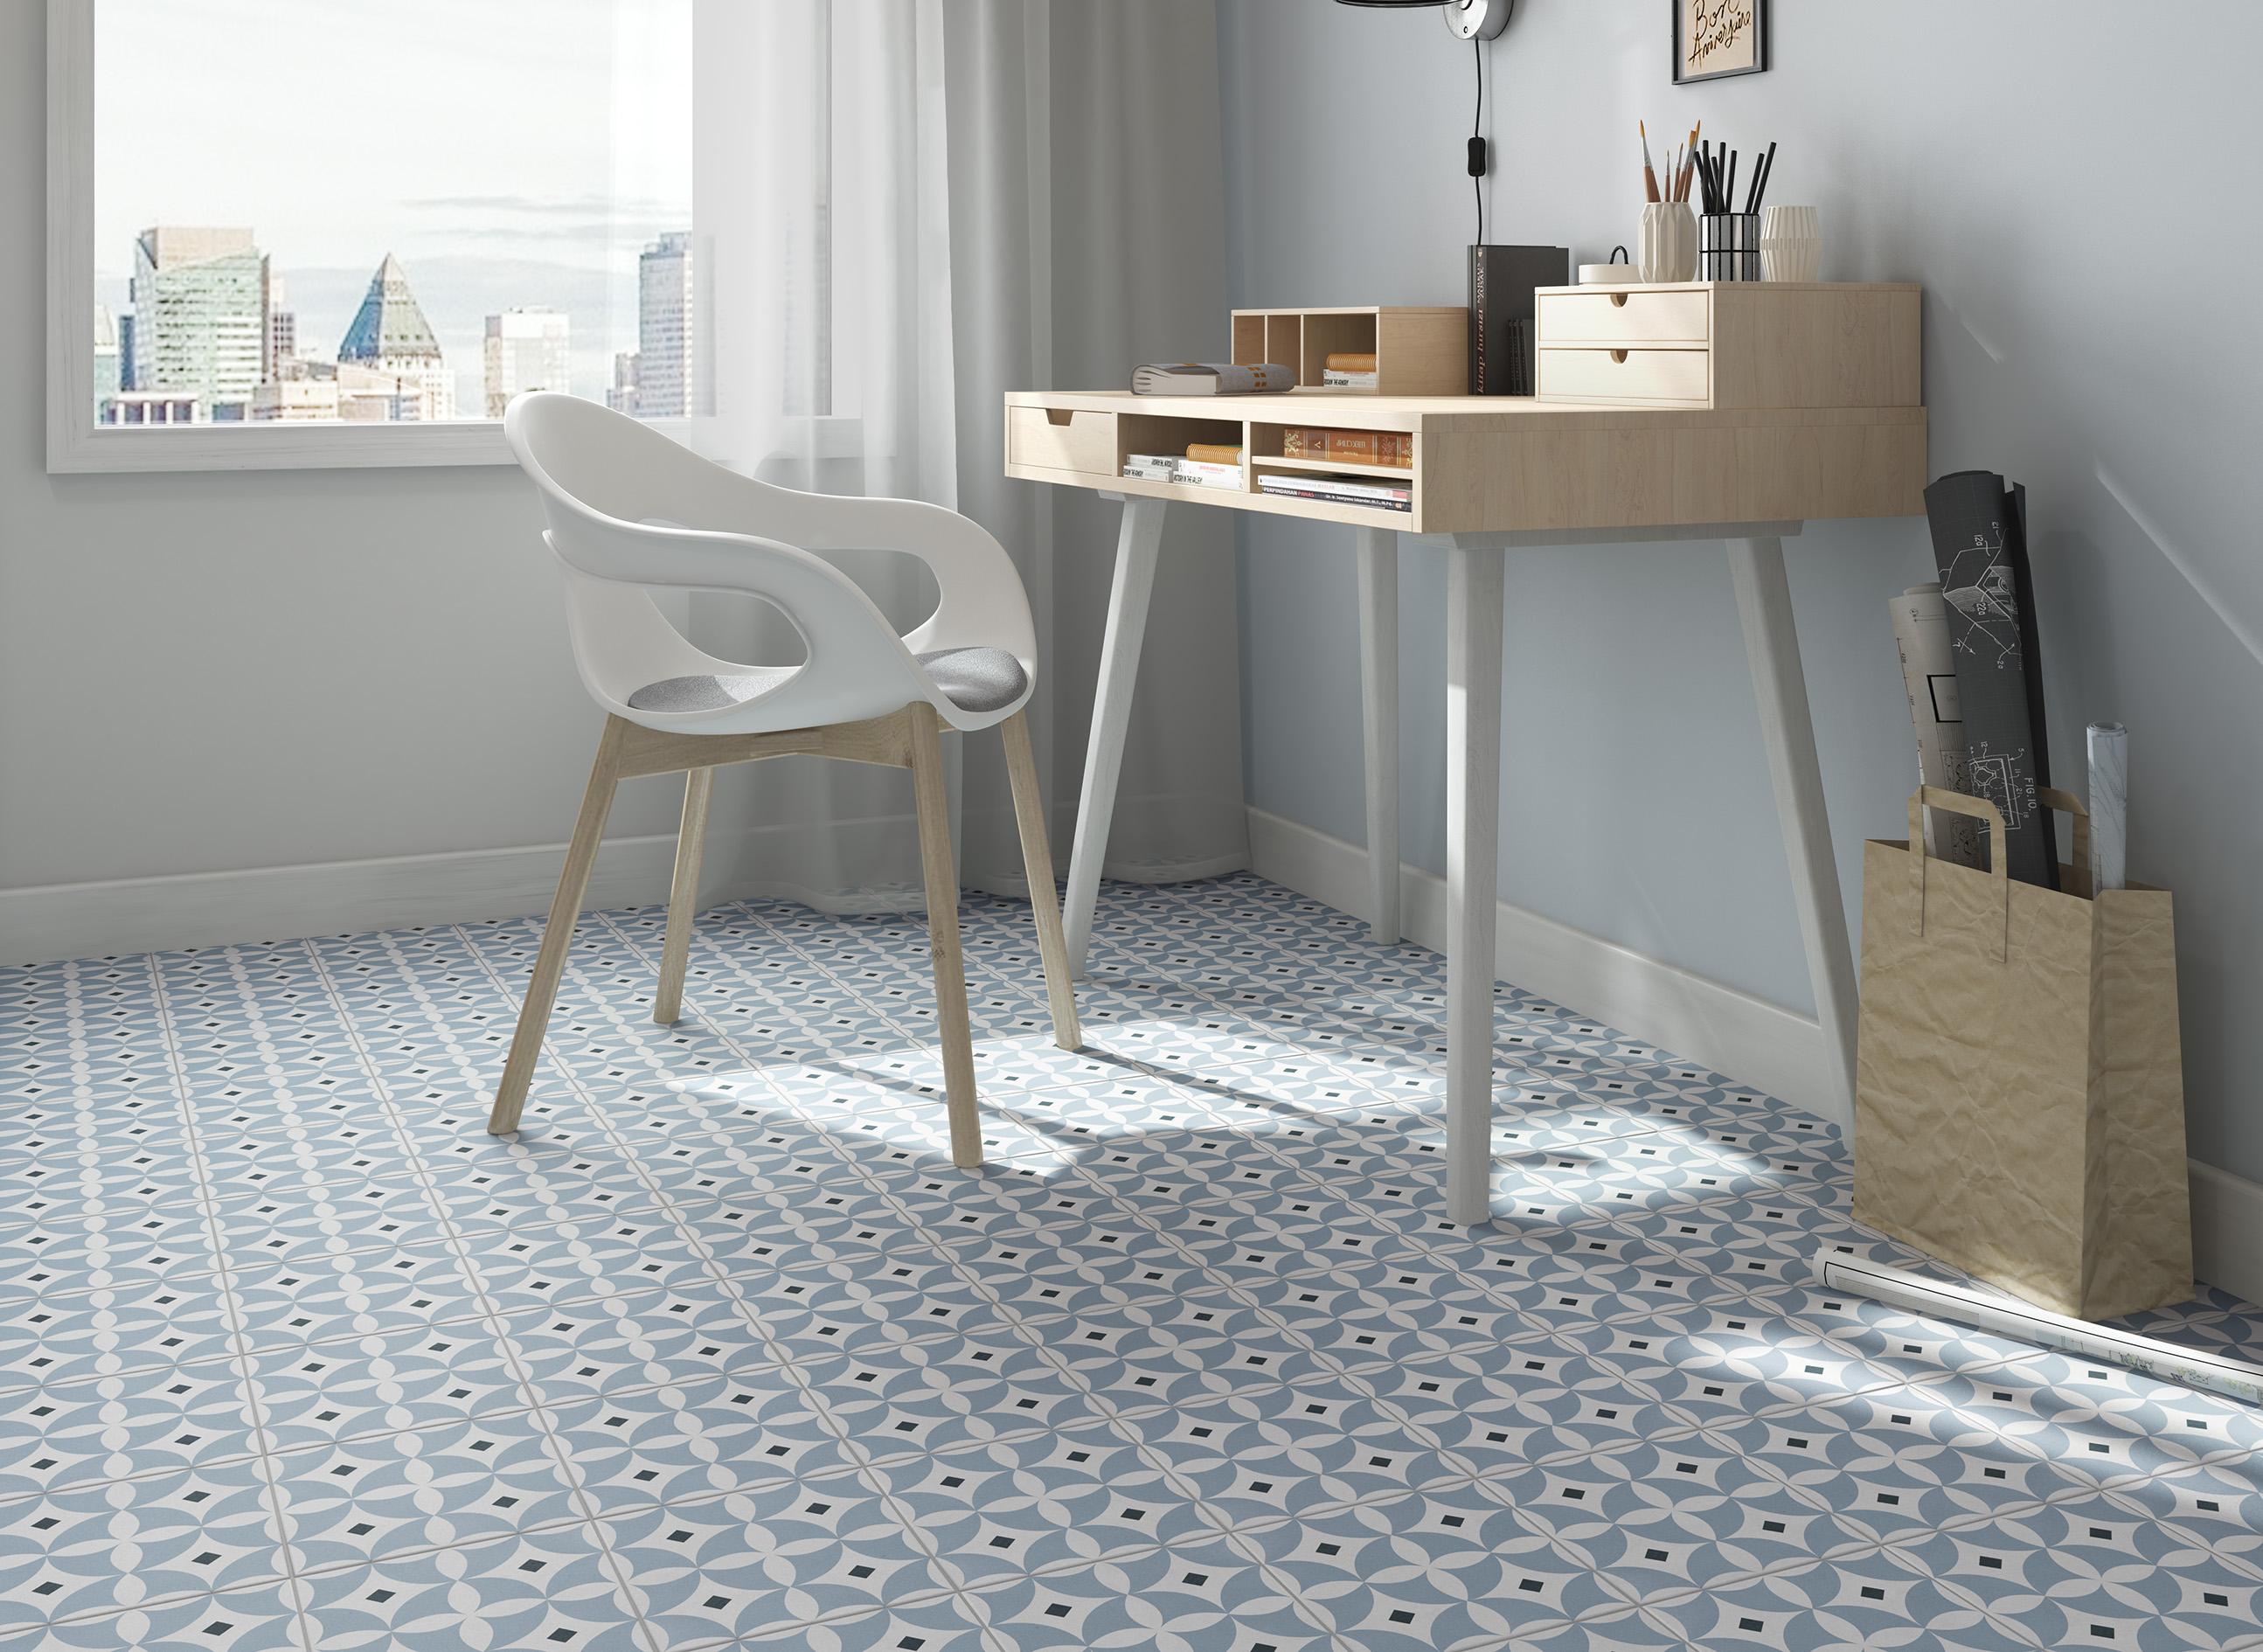 Mi reforma con cer mica descubre las posibilidades de - Como mantener brillante el piso de ceramica ...